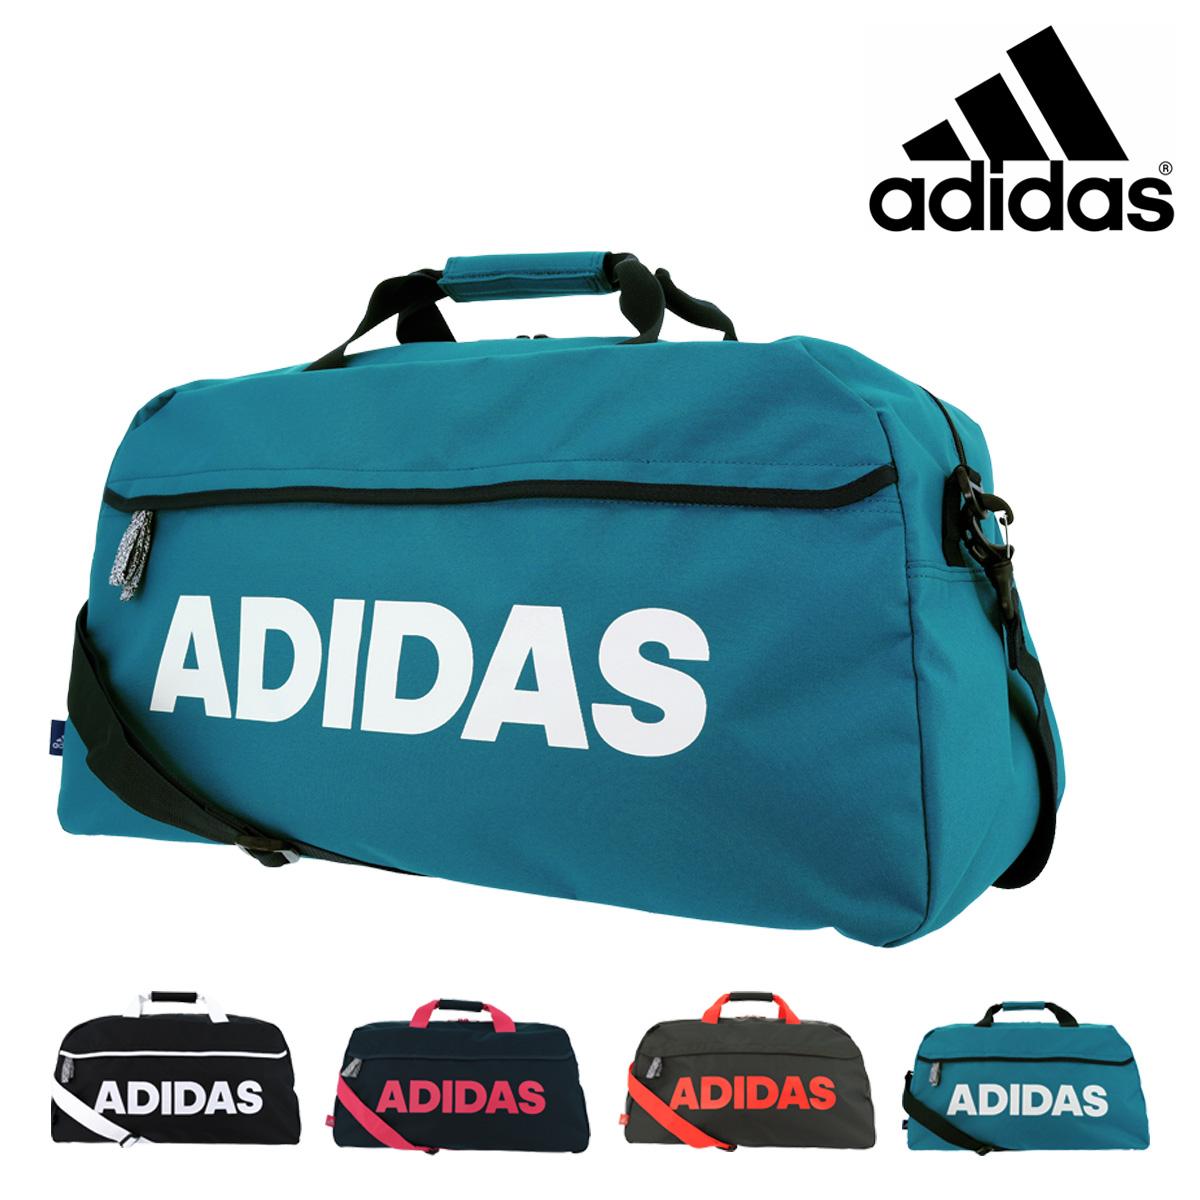 アディダス ボストンバッグ 2WAY メンズ レディース 57595 adidas | ショルダーバッグ 斜めがけ 旅行 修学旅行 大容量[PO10][bef]